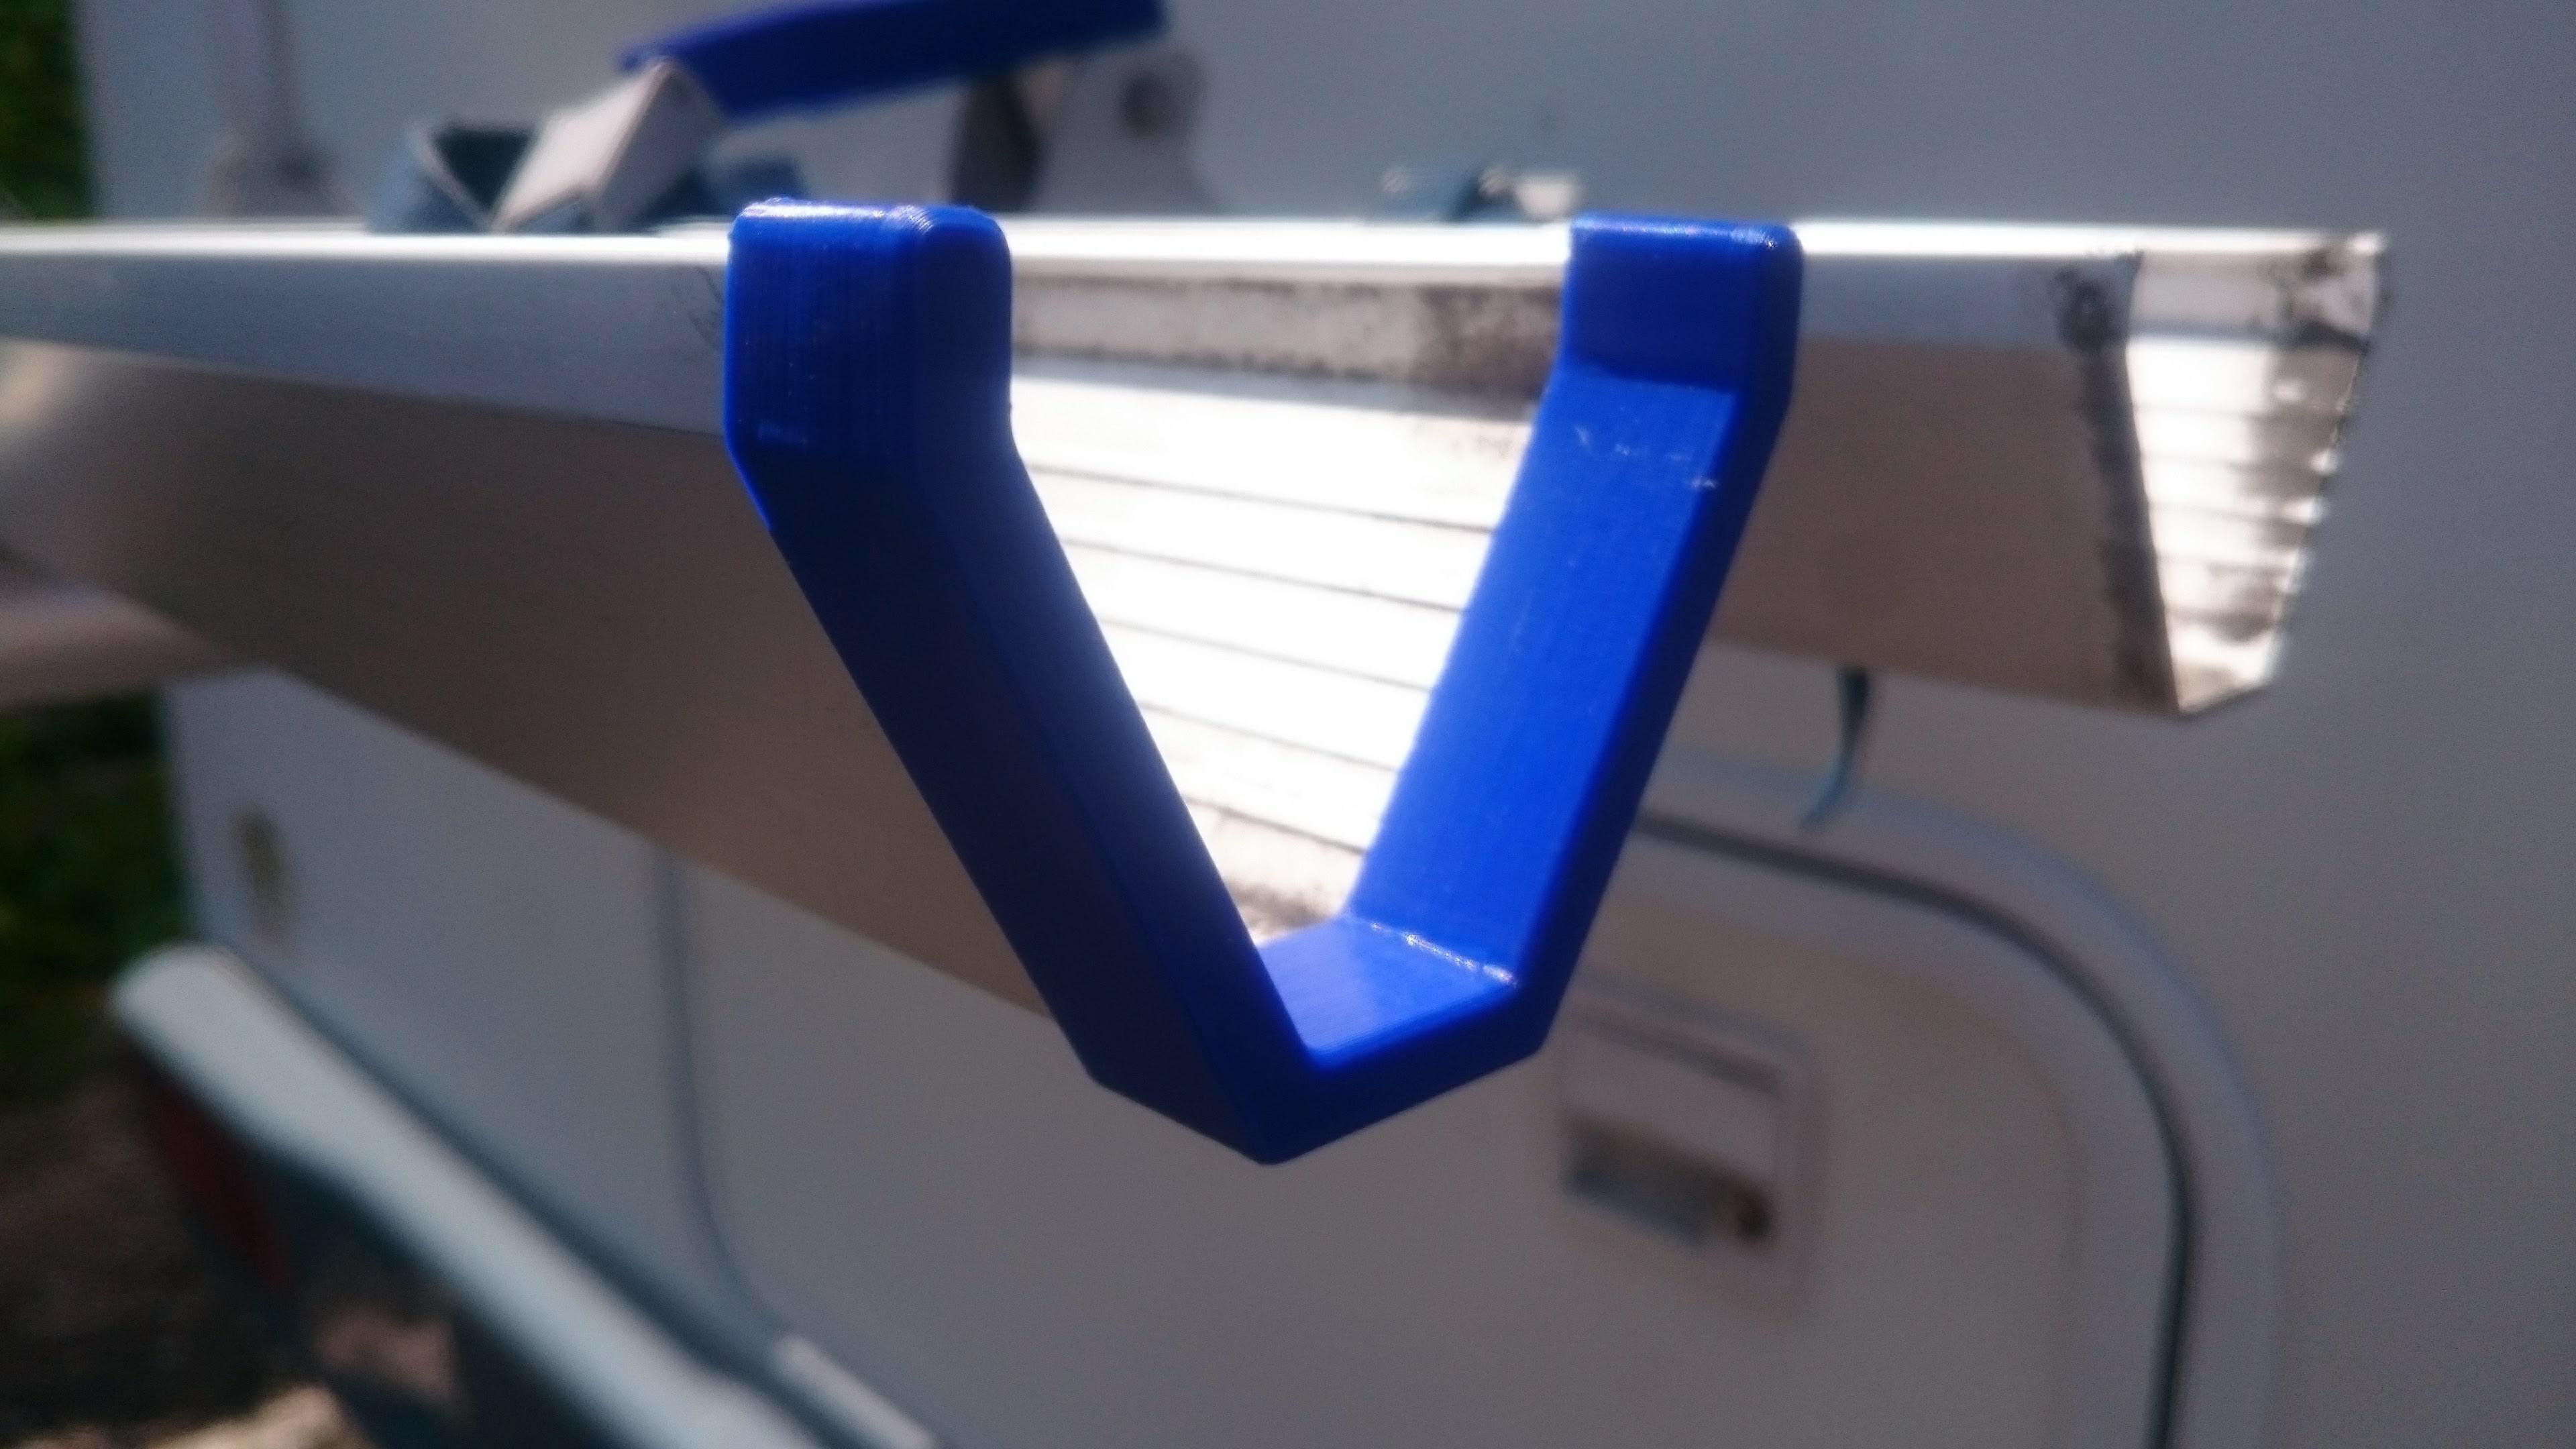 02-Embout de rail velo.jpg Télécharger fichier STL gratuit Pièces Porte vélo camping car • Plan à imprimer en 3D, Ldom21